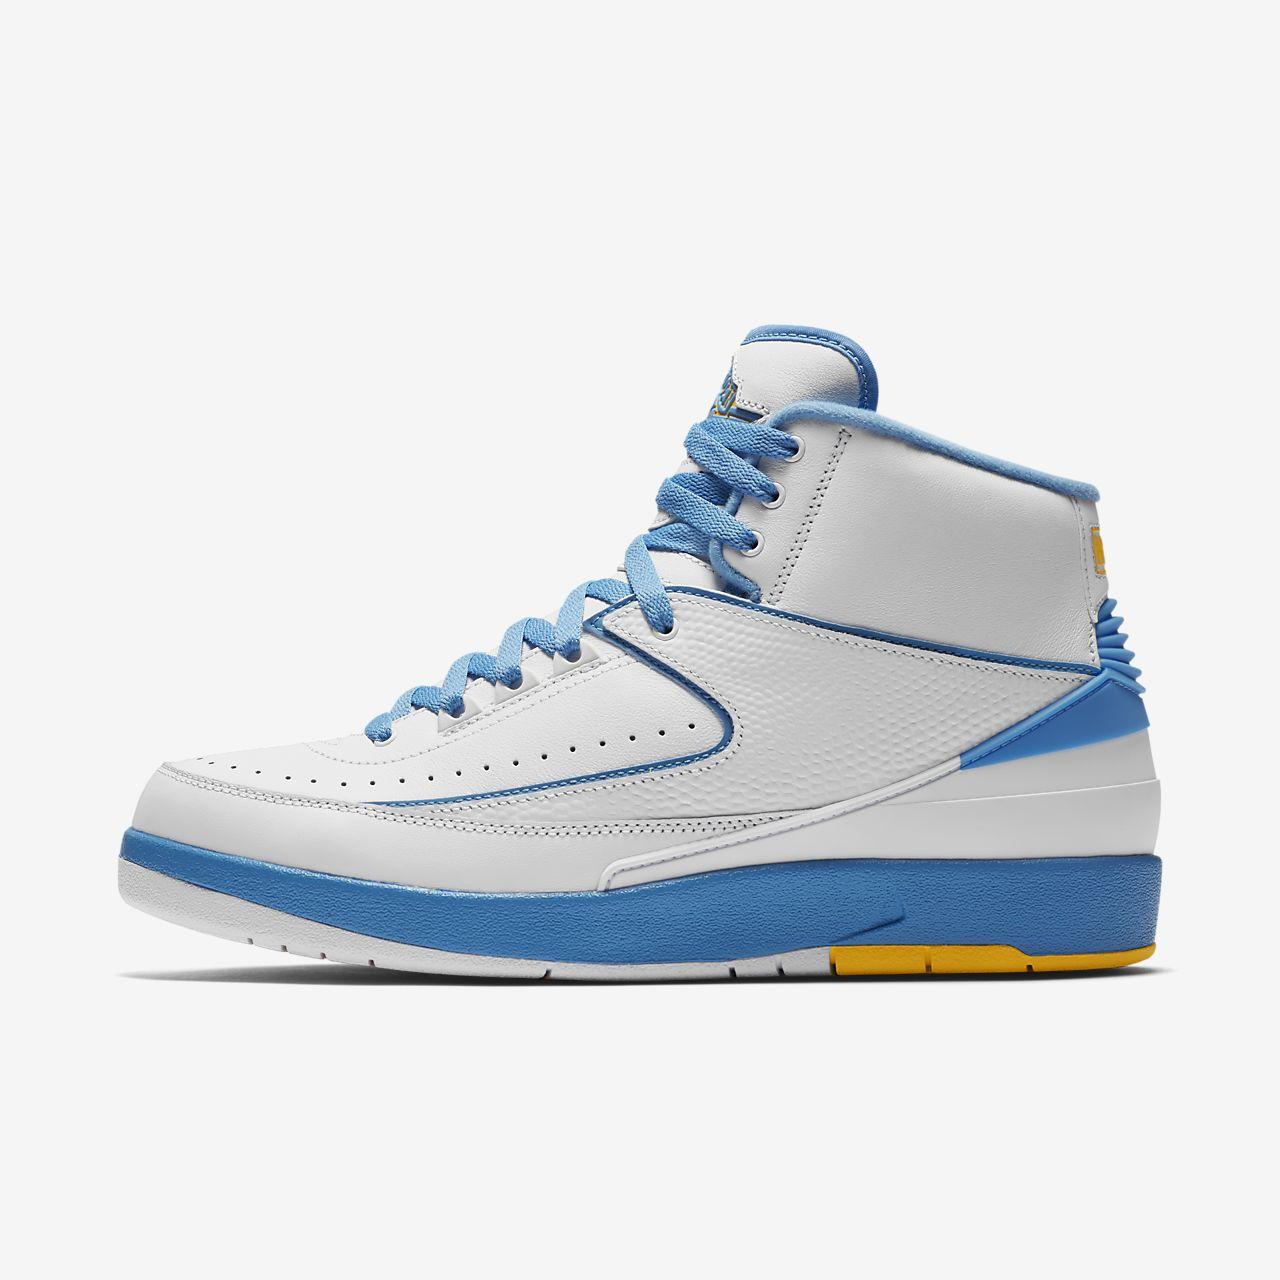 Chaussures Nike Air Jordan 2 Retro 8isMqoZQP